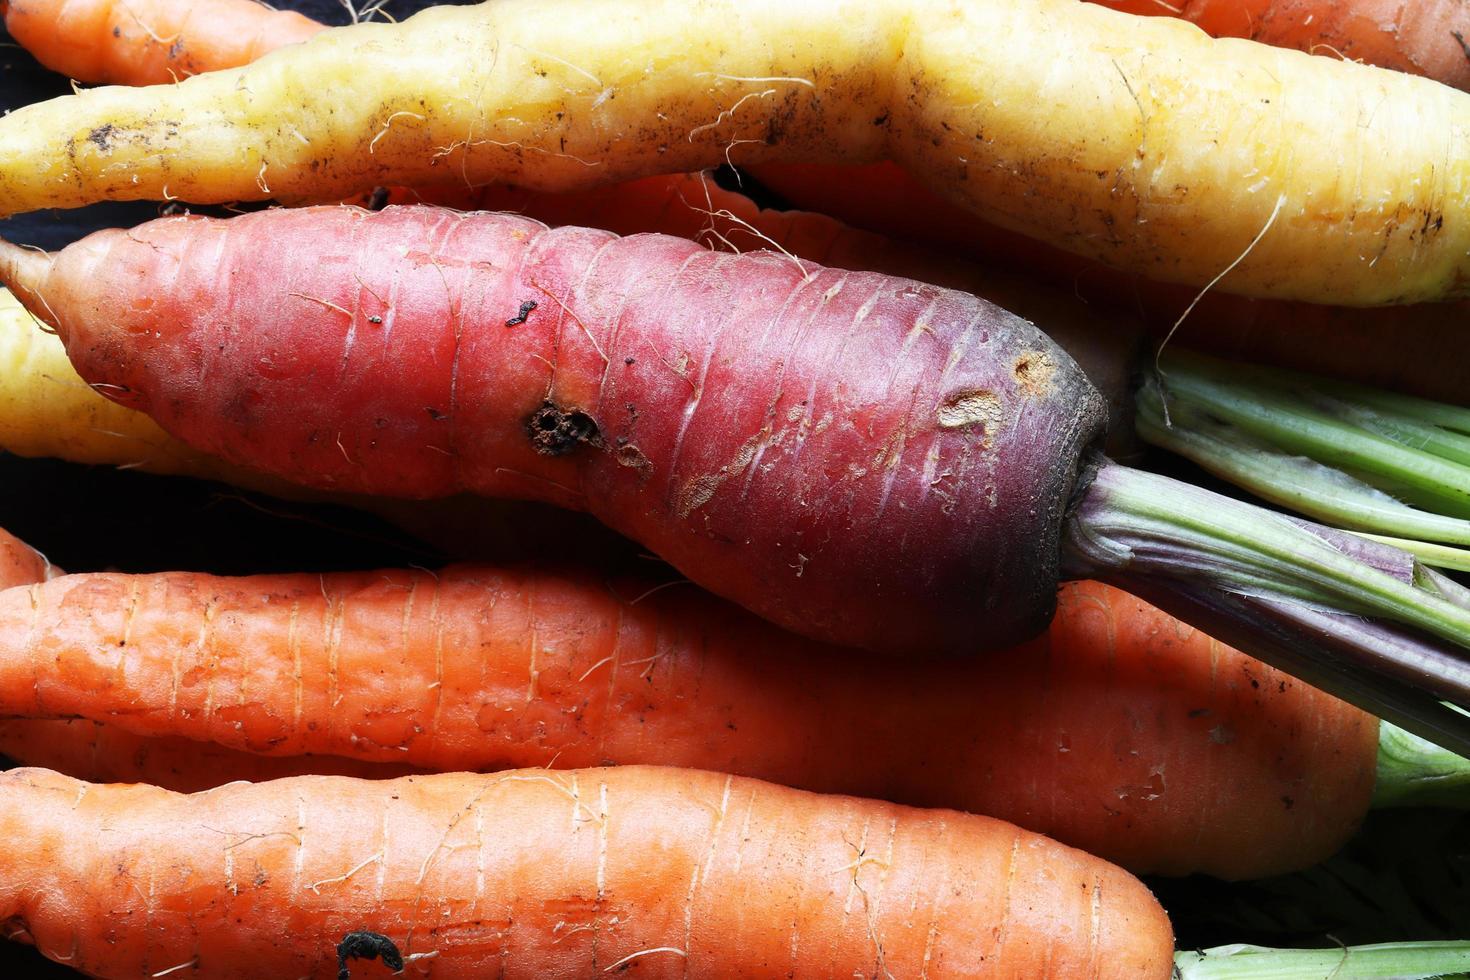 carote colorate per sfondo alimentare foto